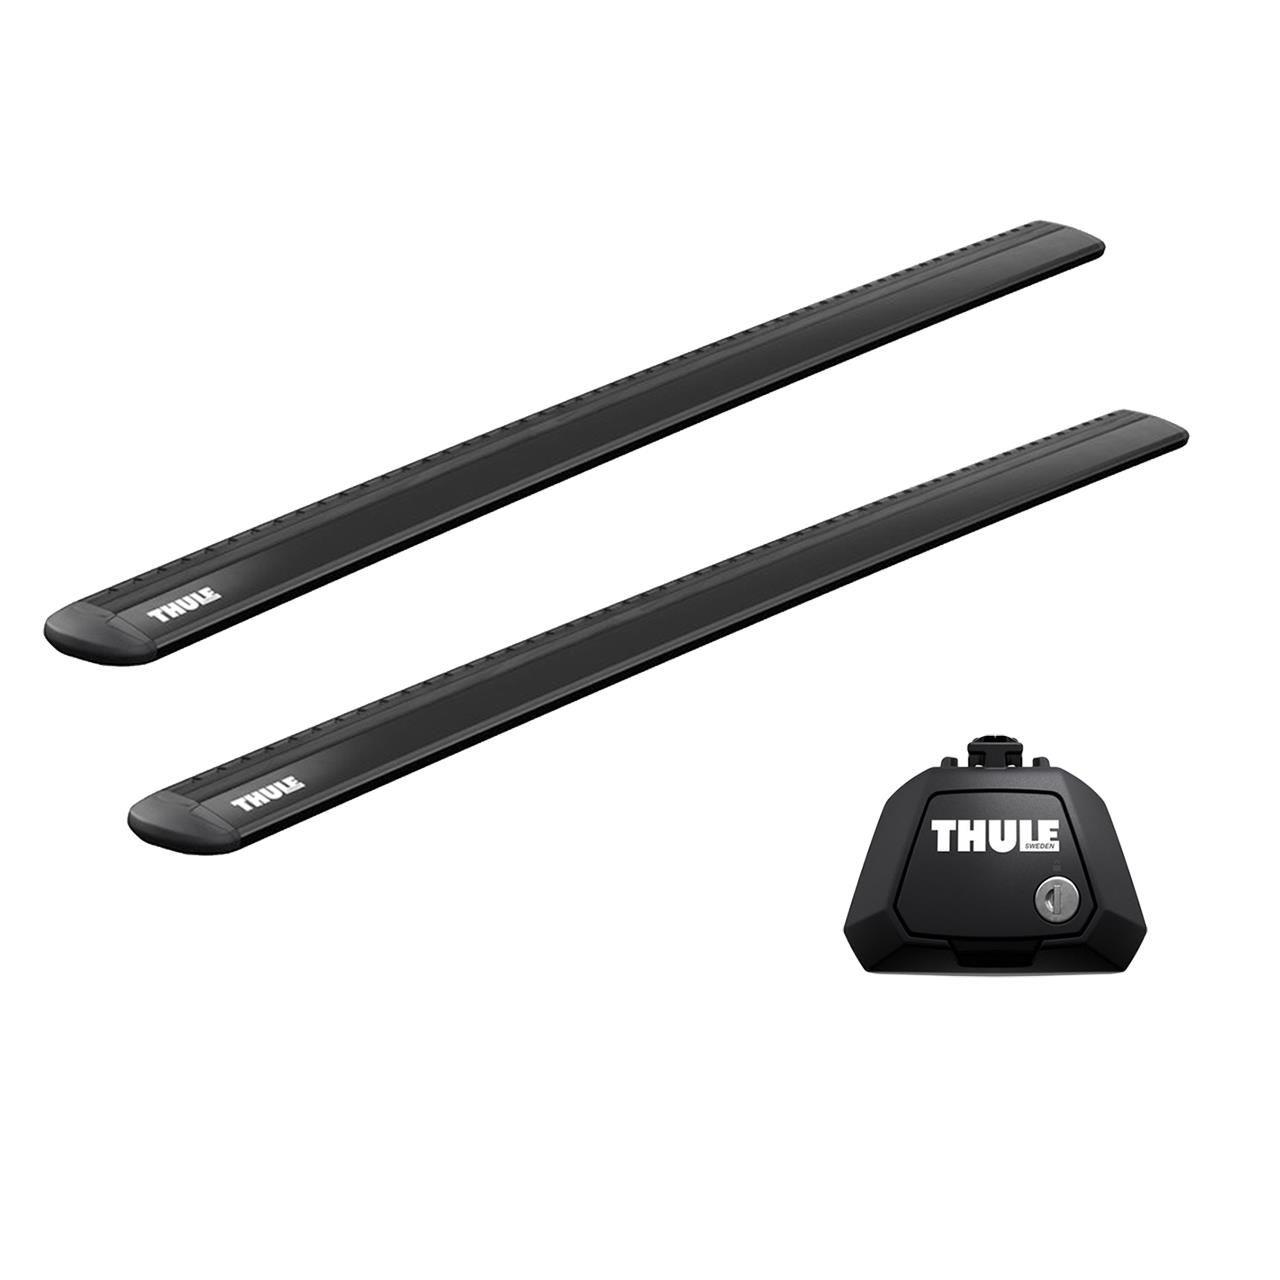 Напречни греди Thule Evo Raised Rail WingBar Evo 127cm в Черно за AUDI A6 Allroad 5 врати Estate 2006- с фабрични надлъжни греди с просвет 1